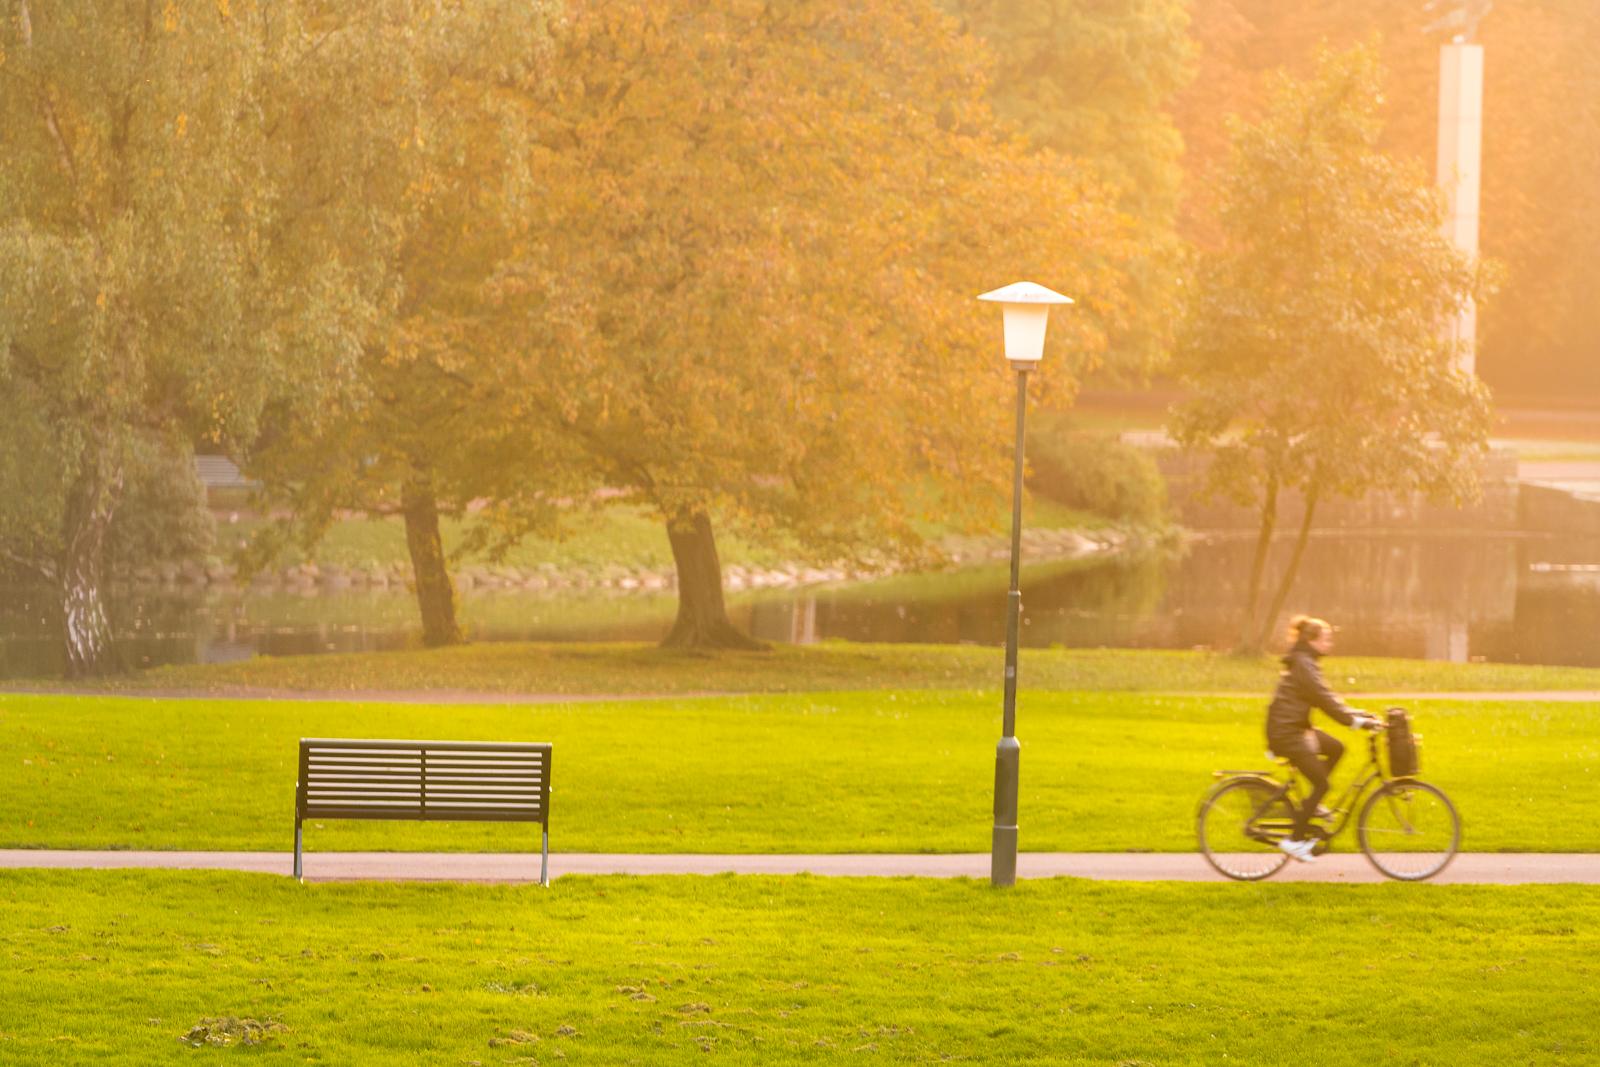 The park in sunset light